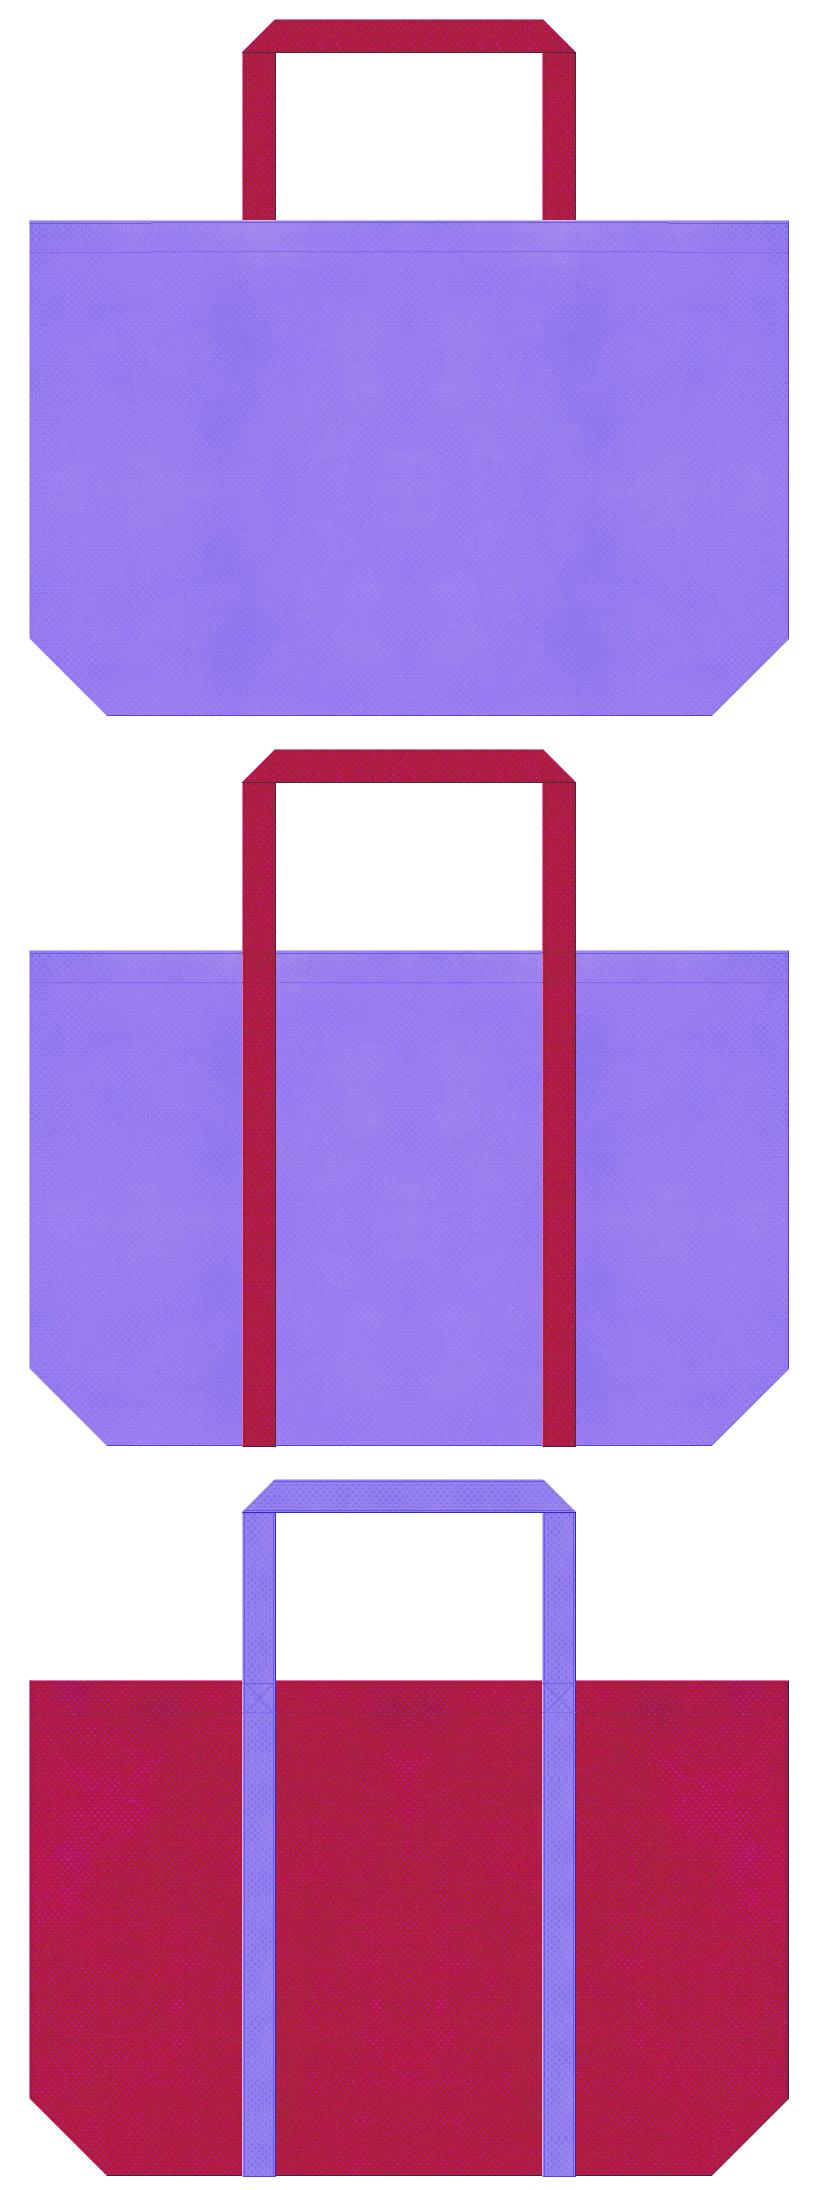 薄紫色と濃いピンク色の不織布ショッピングバッグデザイン。